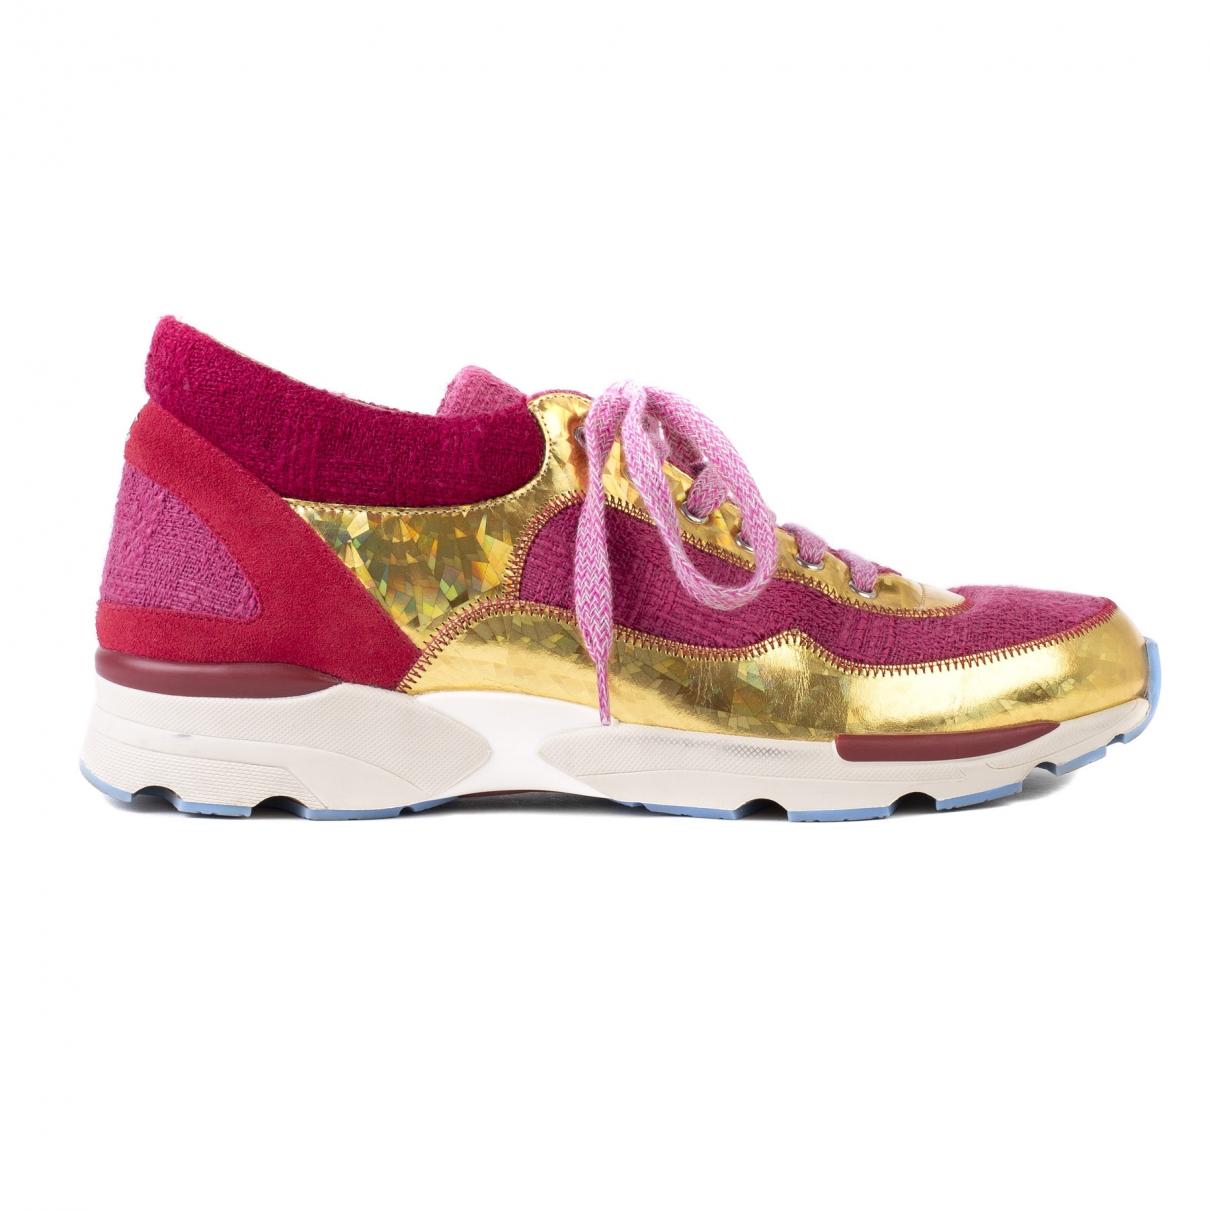 Chanel \N Sneakers in  Rosa Tweed